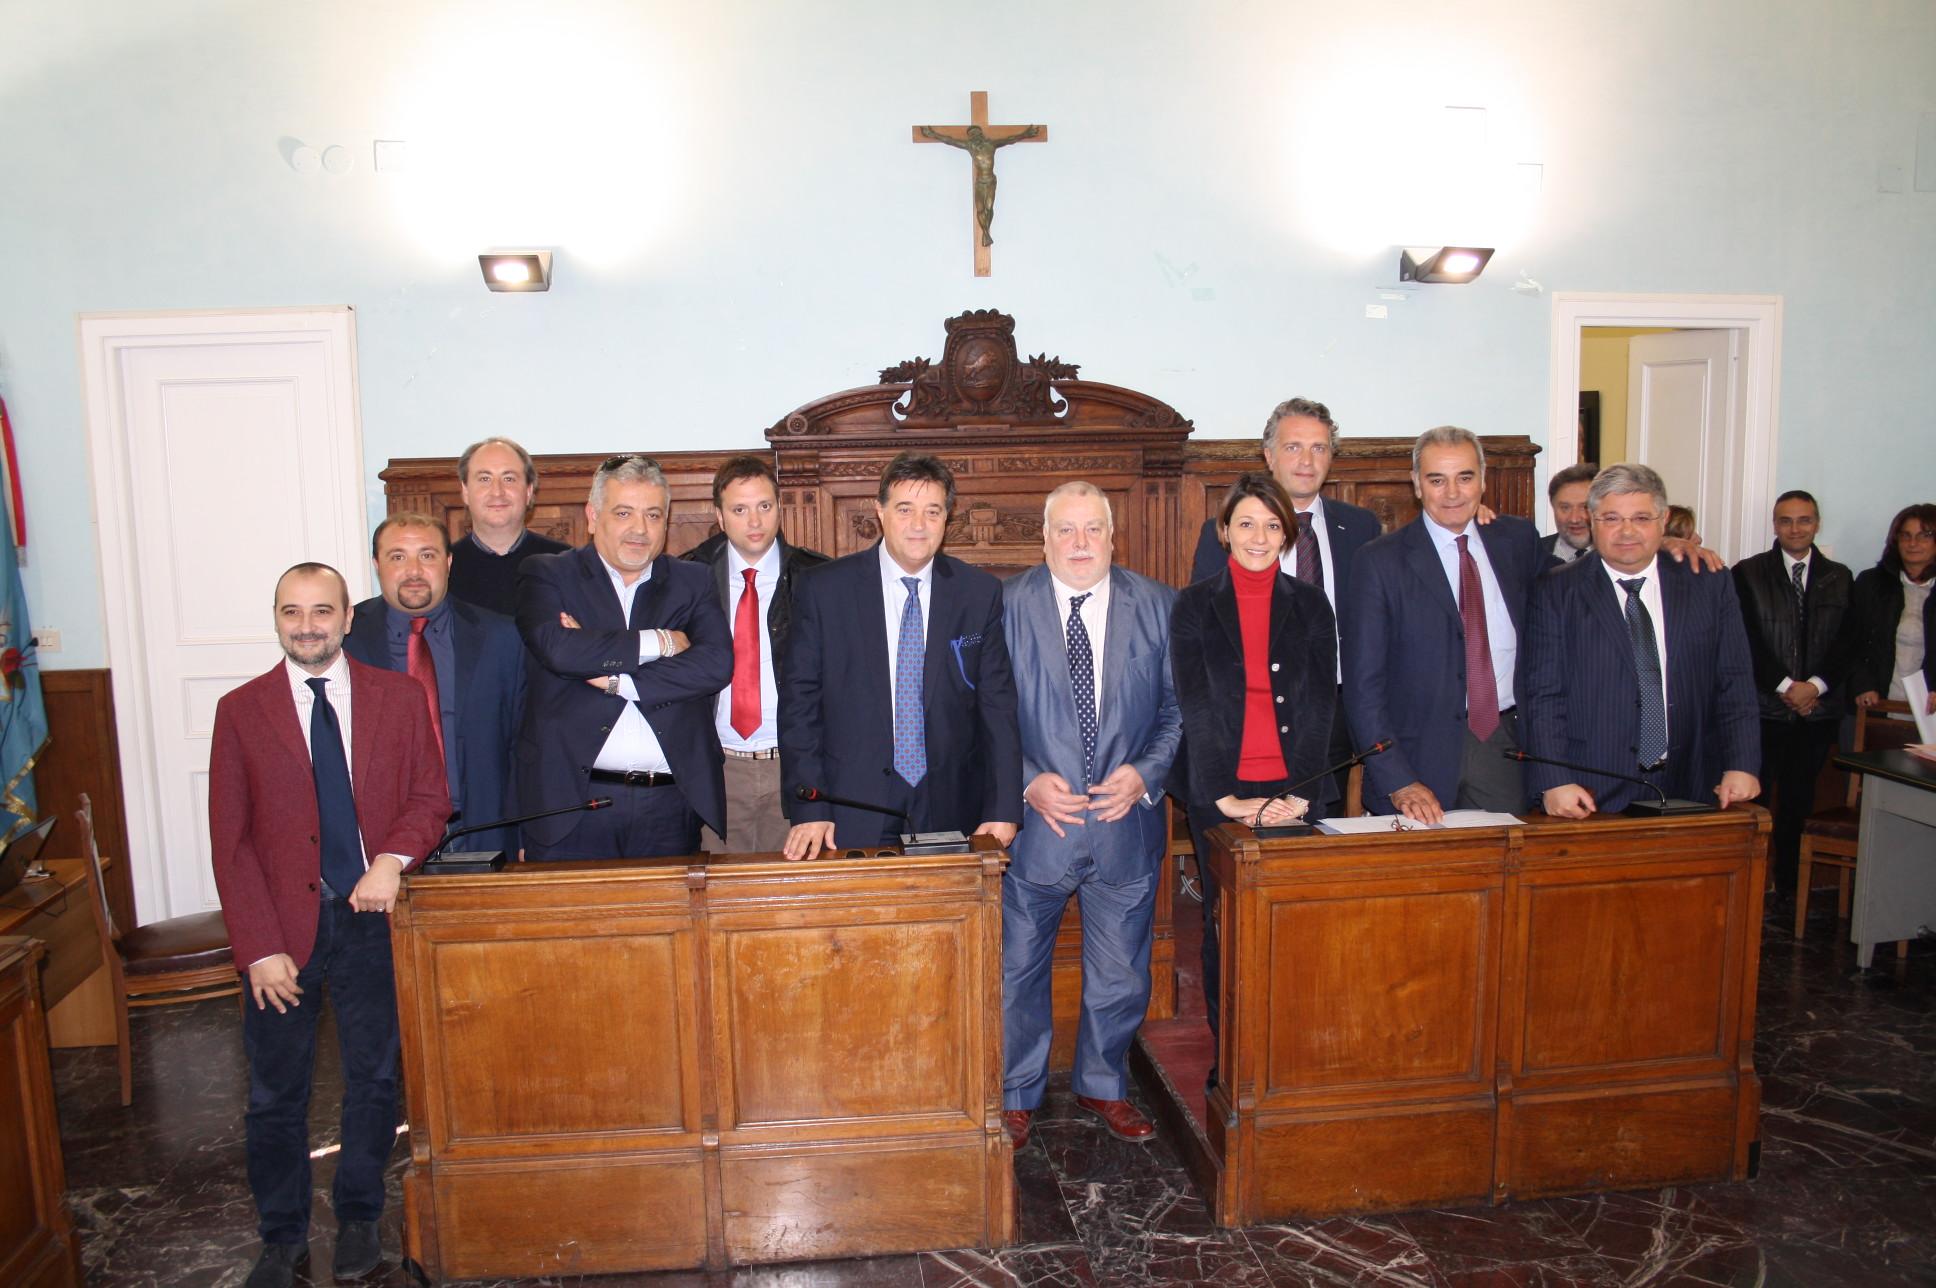 Ieri si è insediato alla Rocca il Consiglio Provinciale guidato da Claudio Ricci